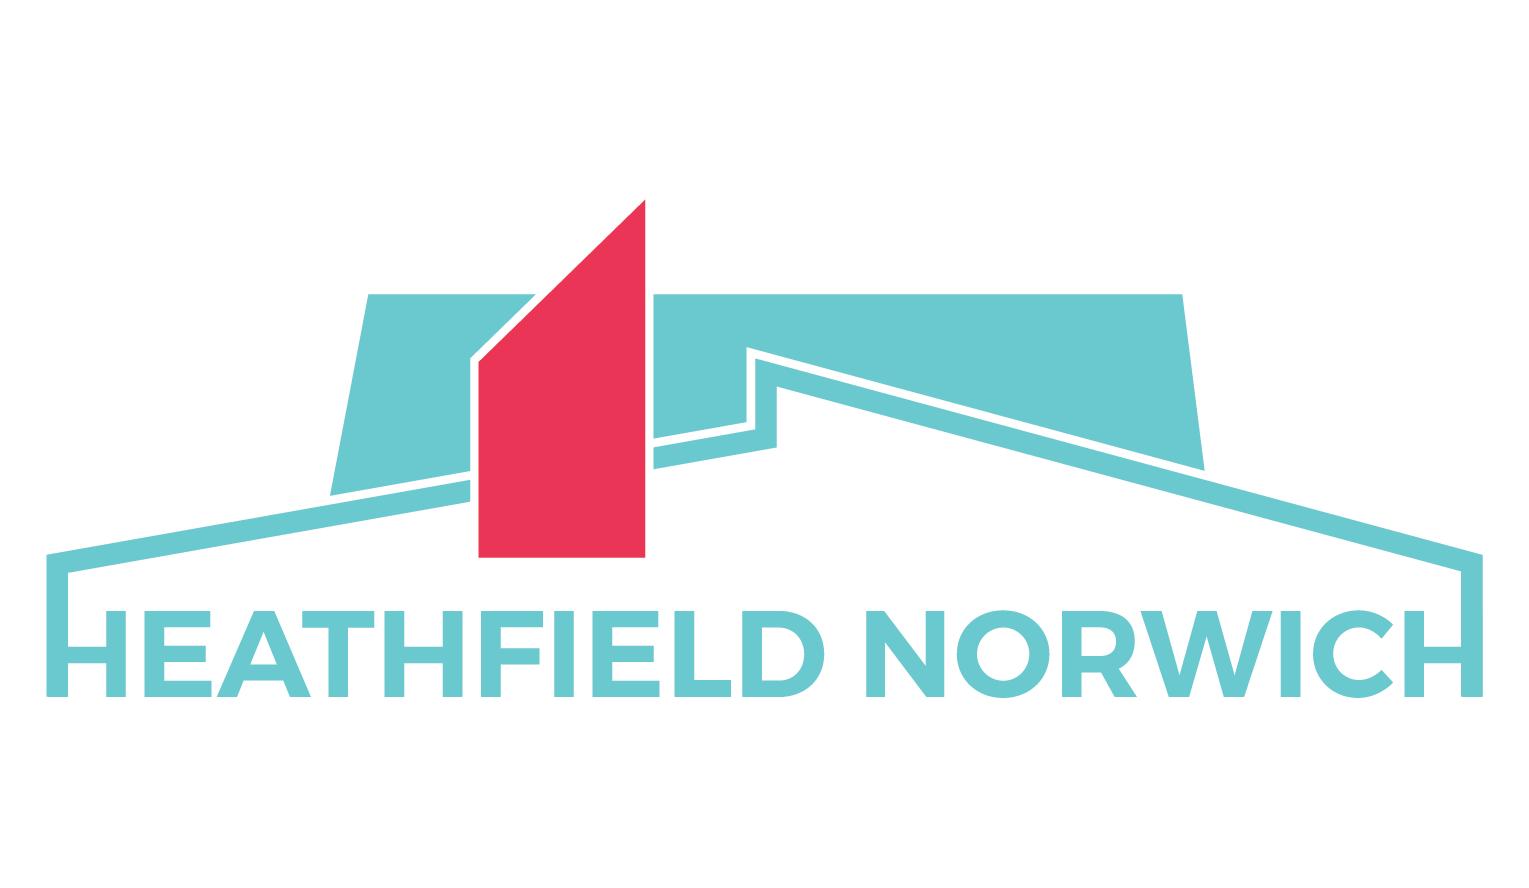 Heathfield Norwich